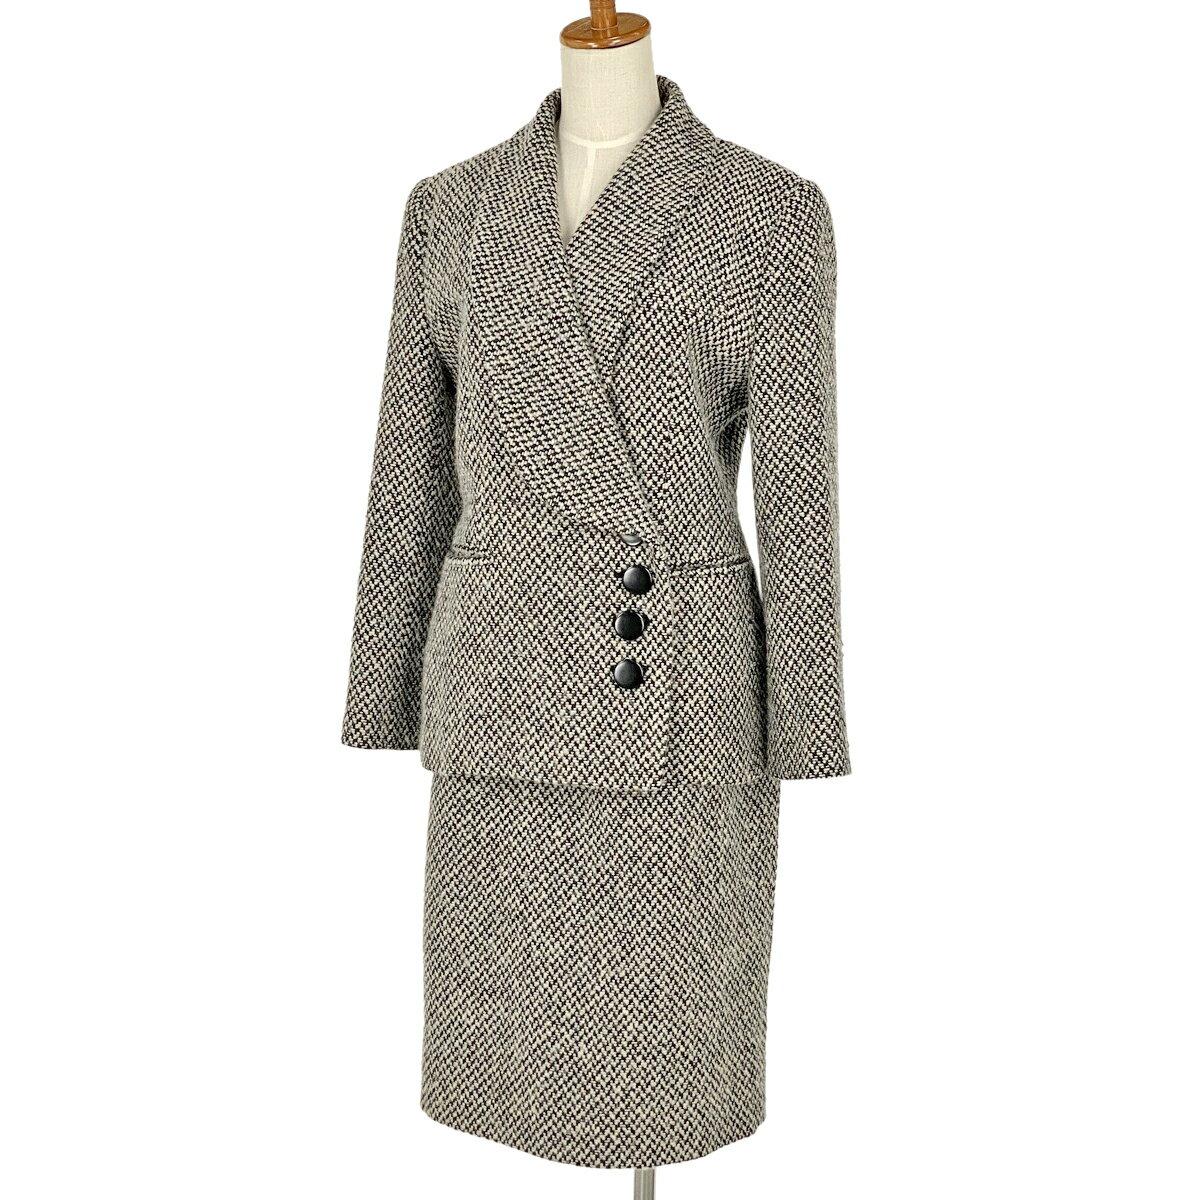 スーツ・セットアップ, スカートスーツ  Christian Dior